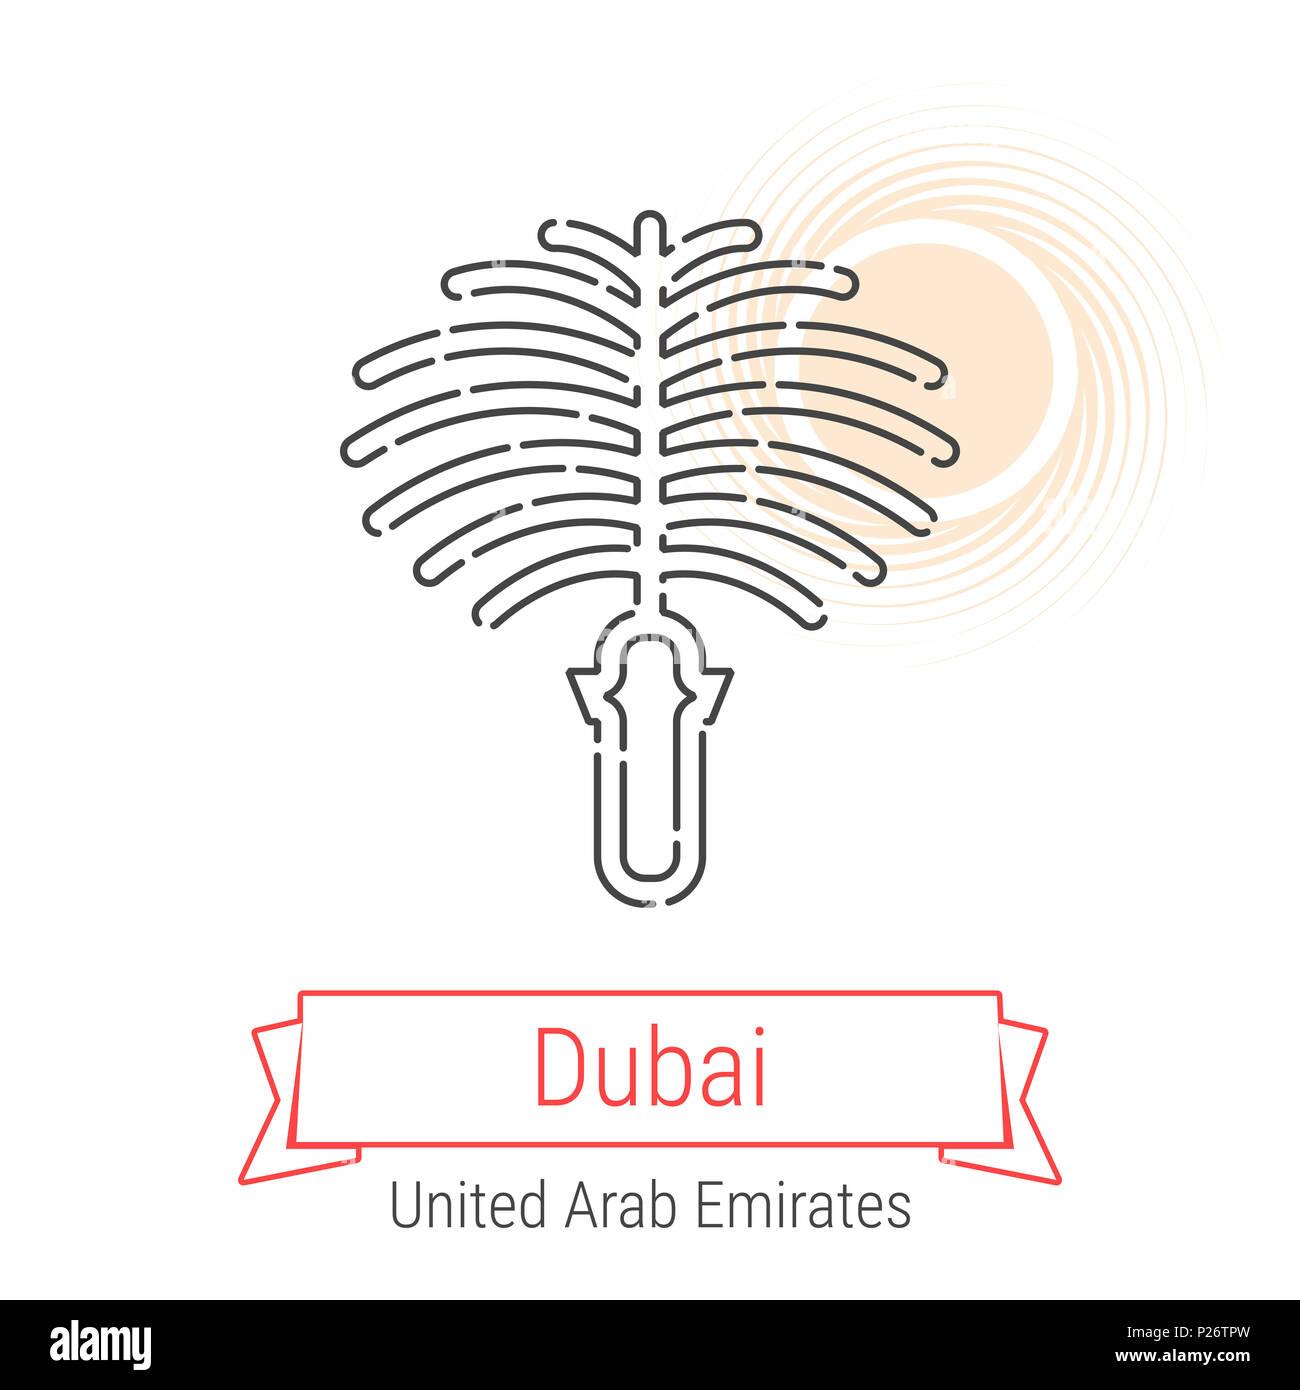 Dubai, United Arab Emirates Line Icon with Red Ribbon Isolated on White. Dubai Landmark - Emblem - Print - Label - Symbol. Palm Islands Pictogram. Wor - Stock Image